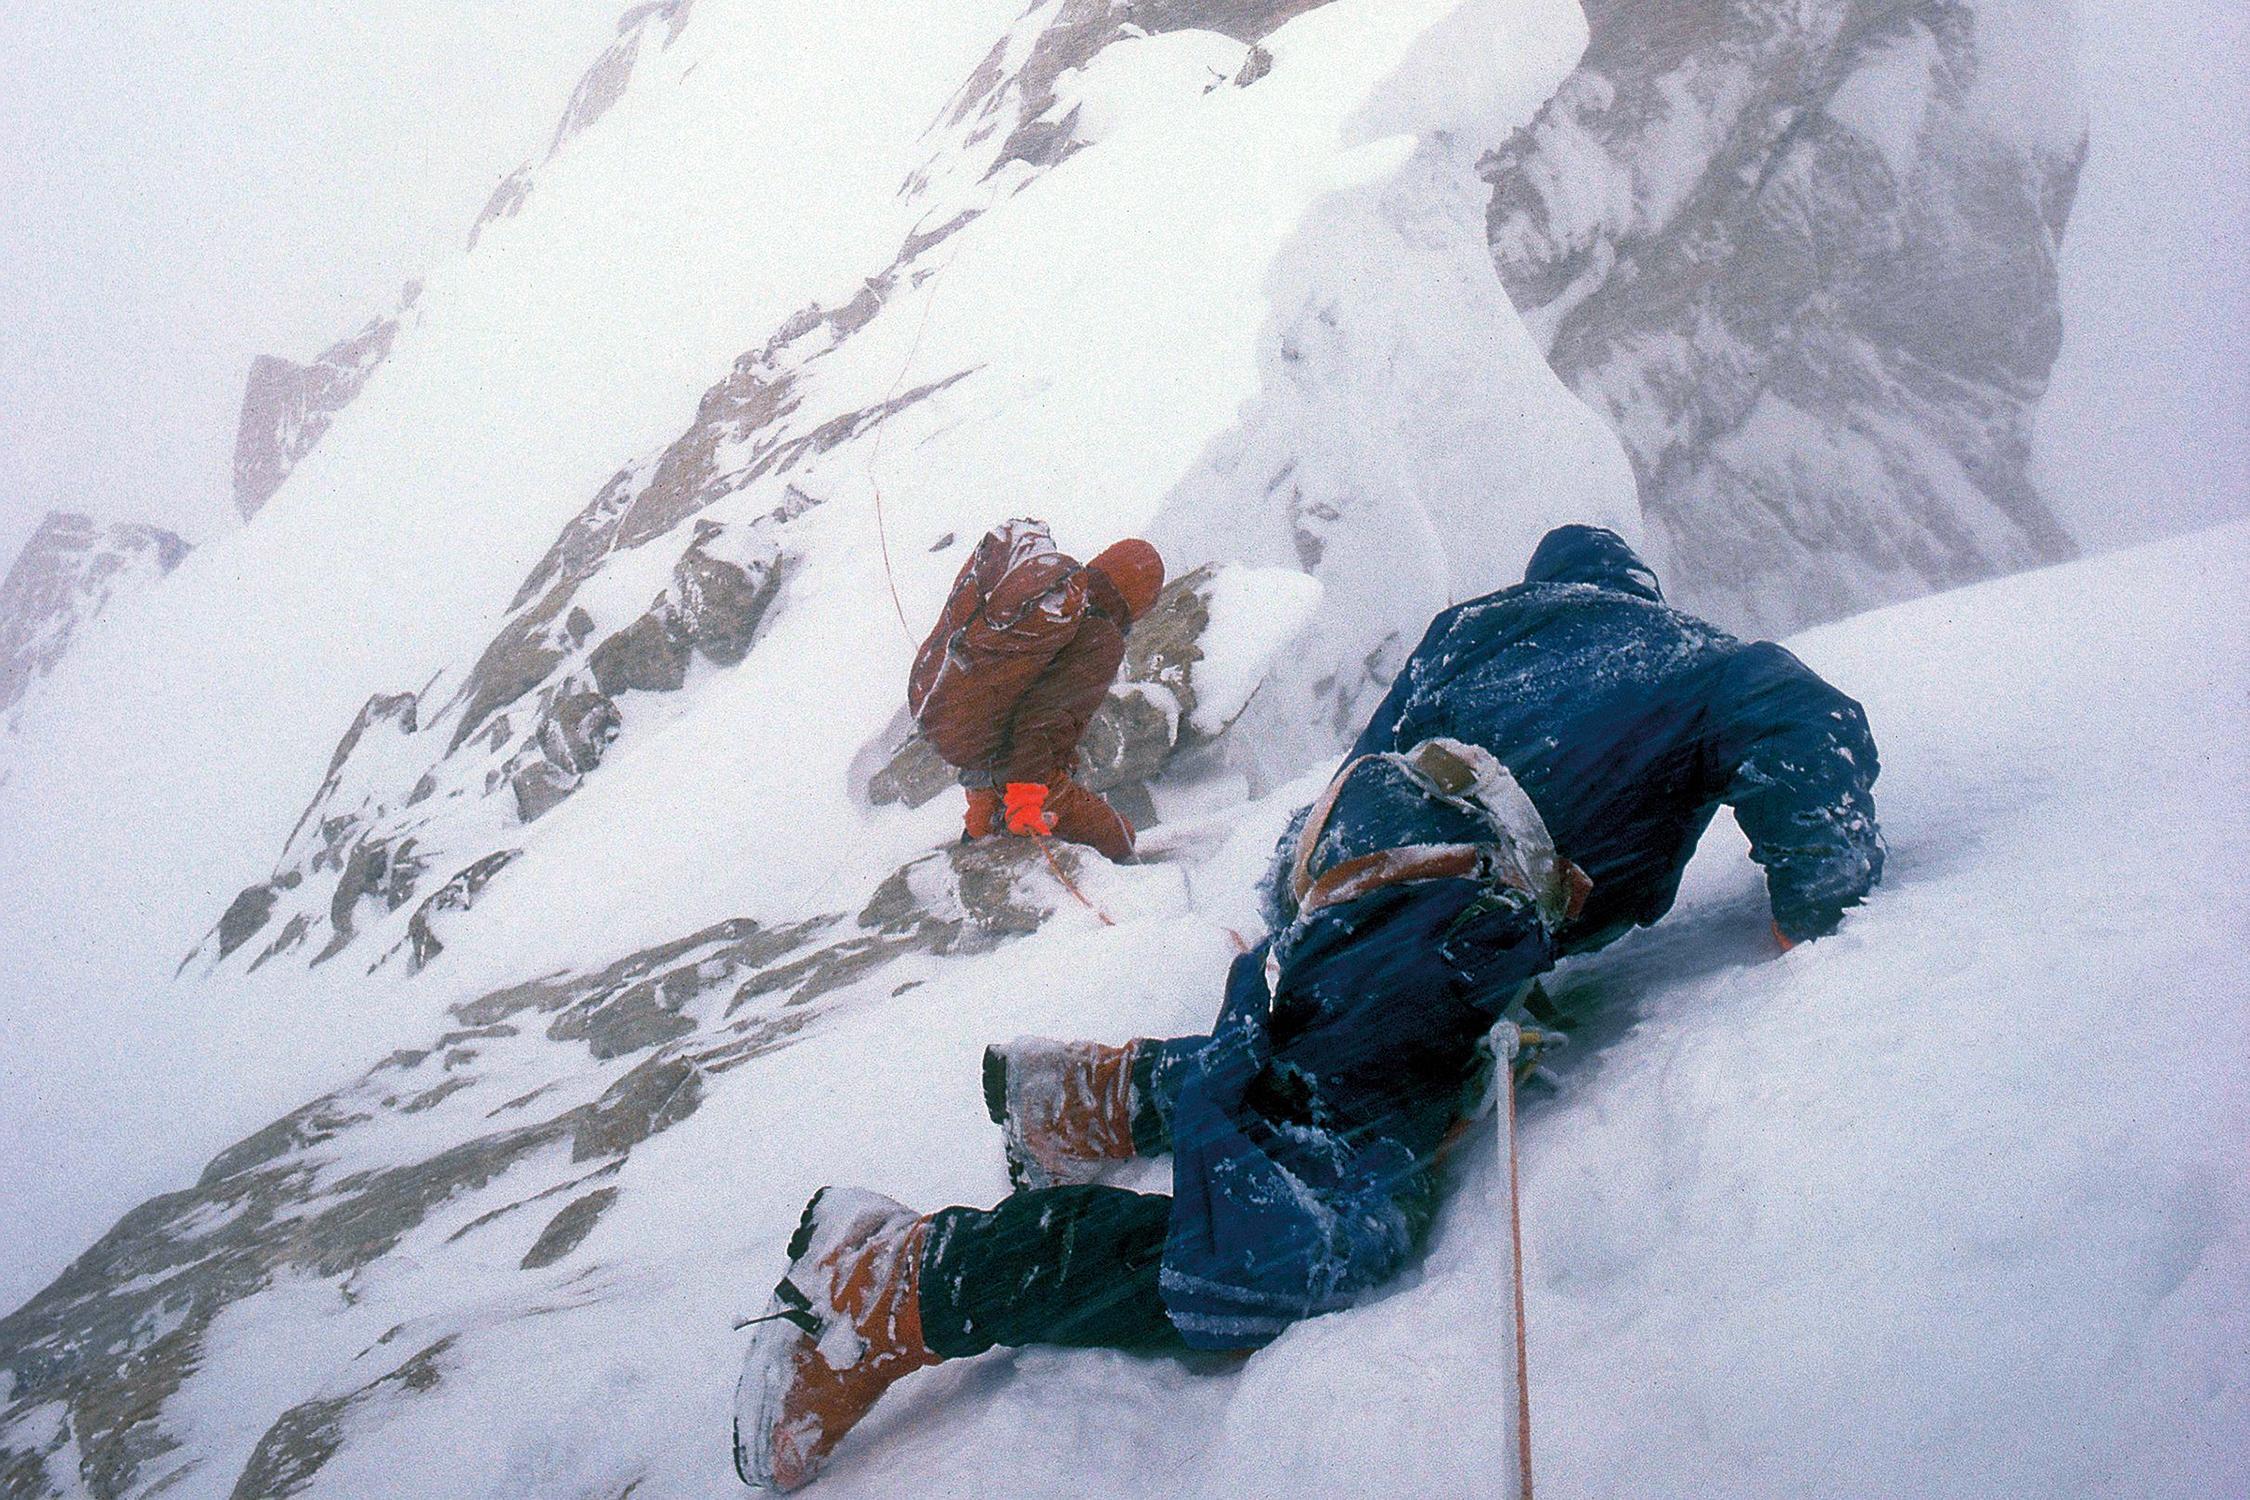 از معروفترین عکسهای تاریخ کوهنوردی، دوگ اسکات با دو پای شکسته در حال فرود از کوه بینتها براک ملقب به آدمخوار